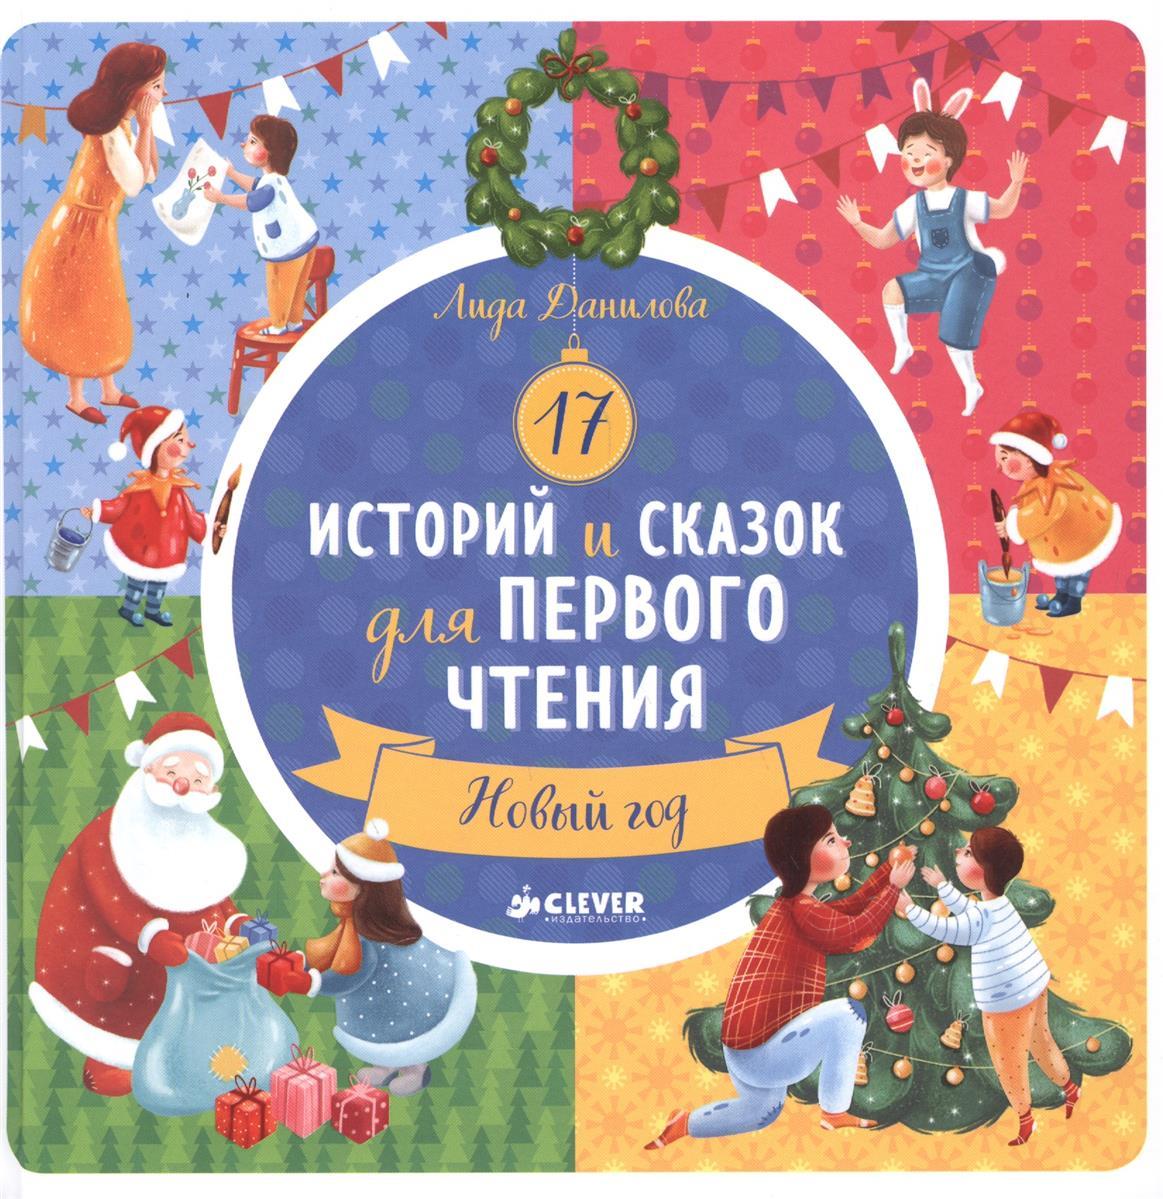 Данилова Л. 17 историй и сказок для первого чтения. Новый год конева л празднуем старый новый год